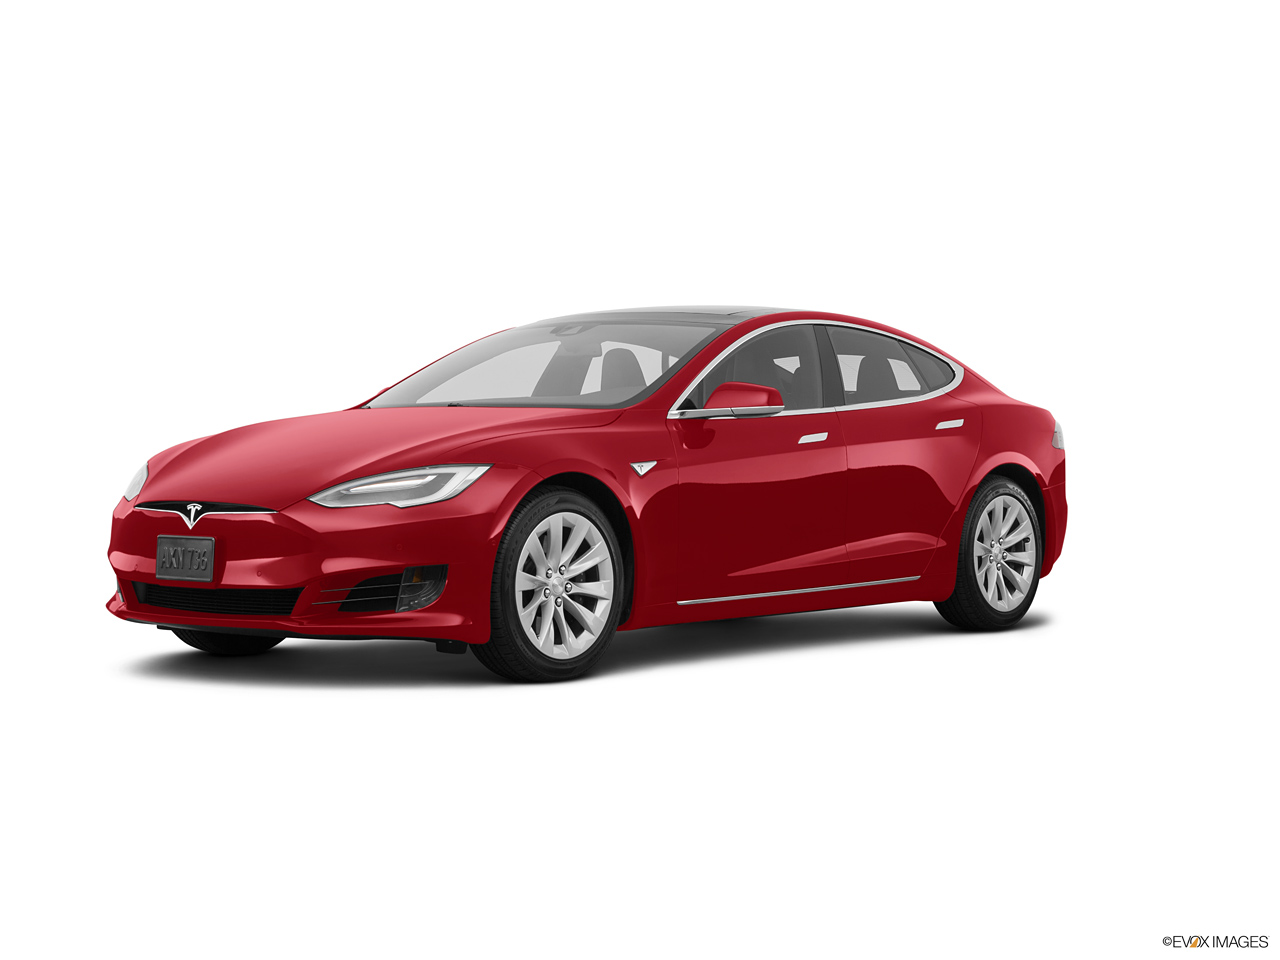 car pictures list for tesla model s 2017 100d uae yallamotor. Black Bedroom Furniture Sets. Home Design Ideas